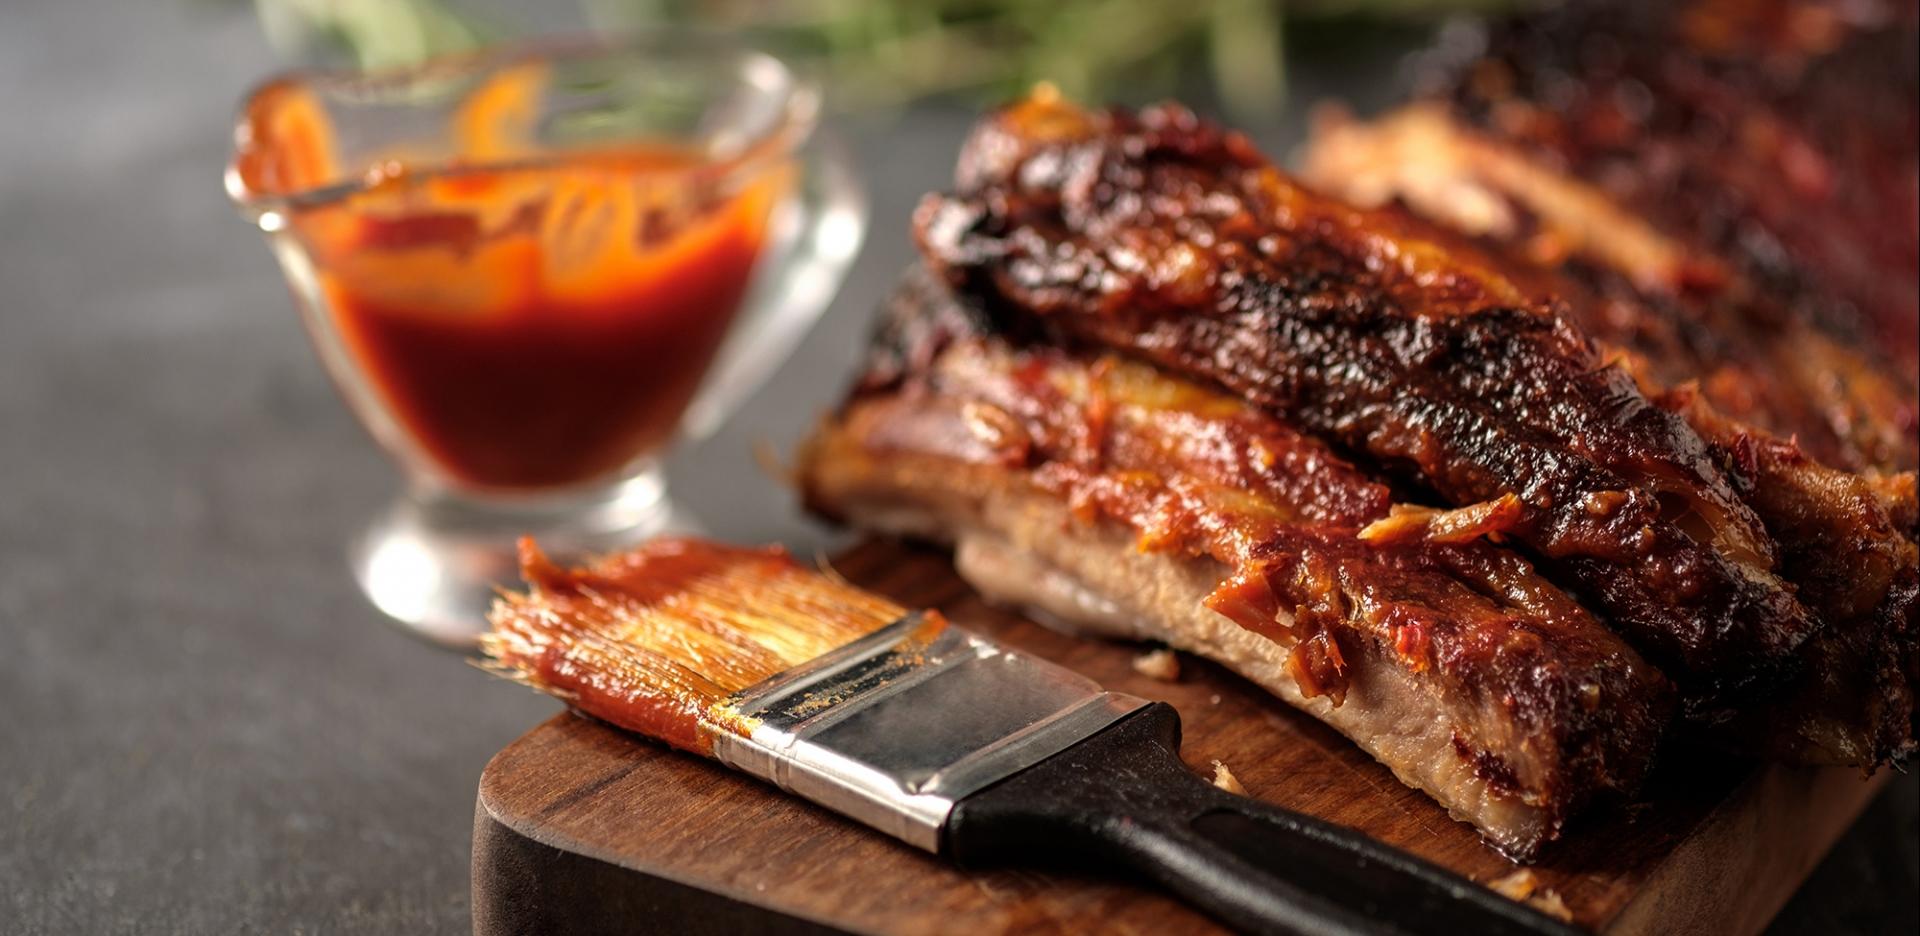 Spicy Tomato Barbecue Marinade